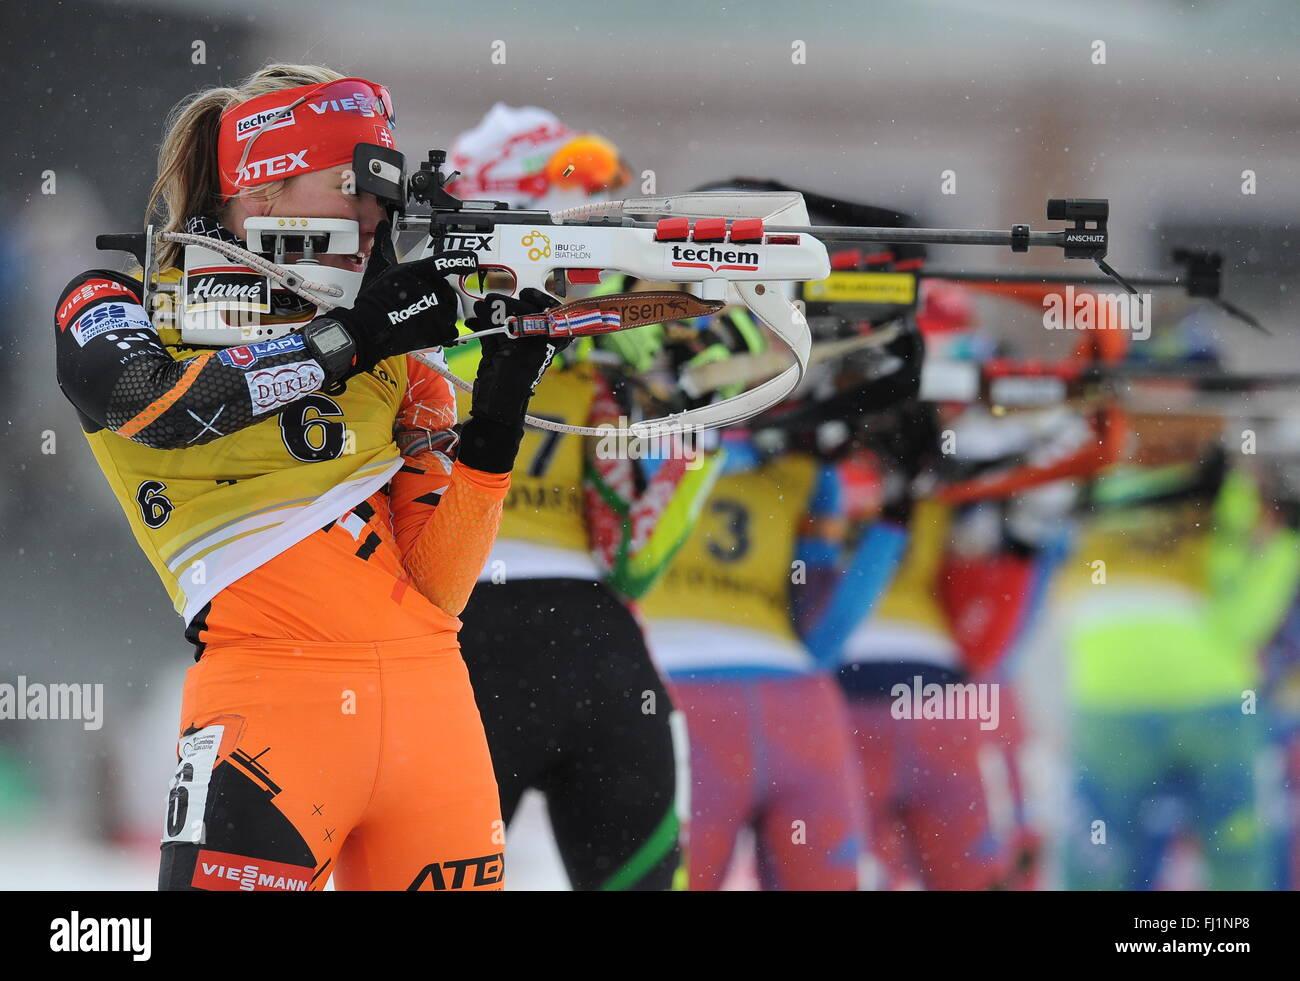 Tioumen, la Russie. 28 Février, 2016. Le biathlète slovaque Paulina Fialkova (L) en concurrence pour gagner Photo Stock